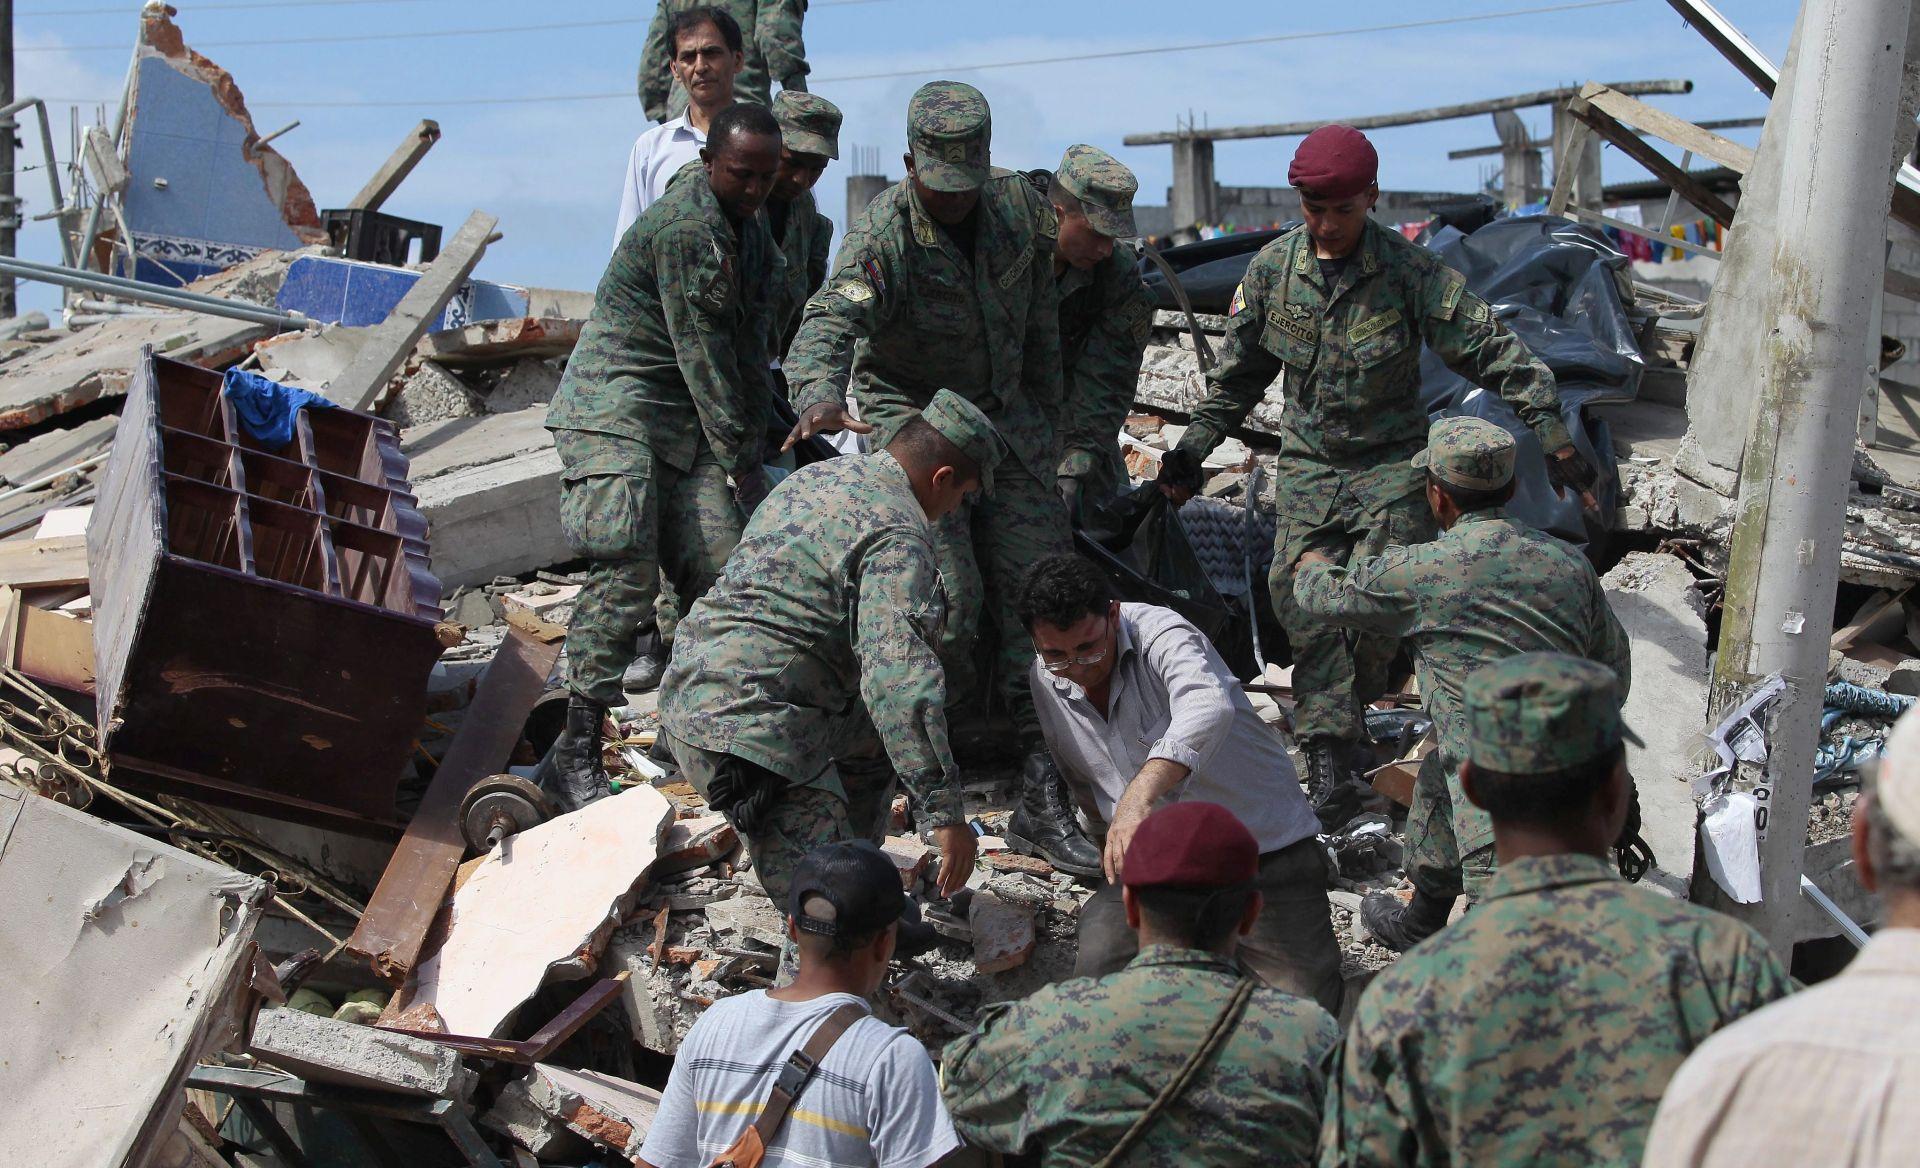 ZADNJI PODACI: U potresu u Ekvadoru poginulo 646 ljudi